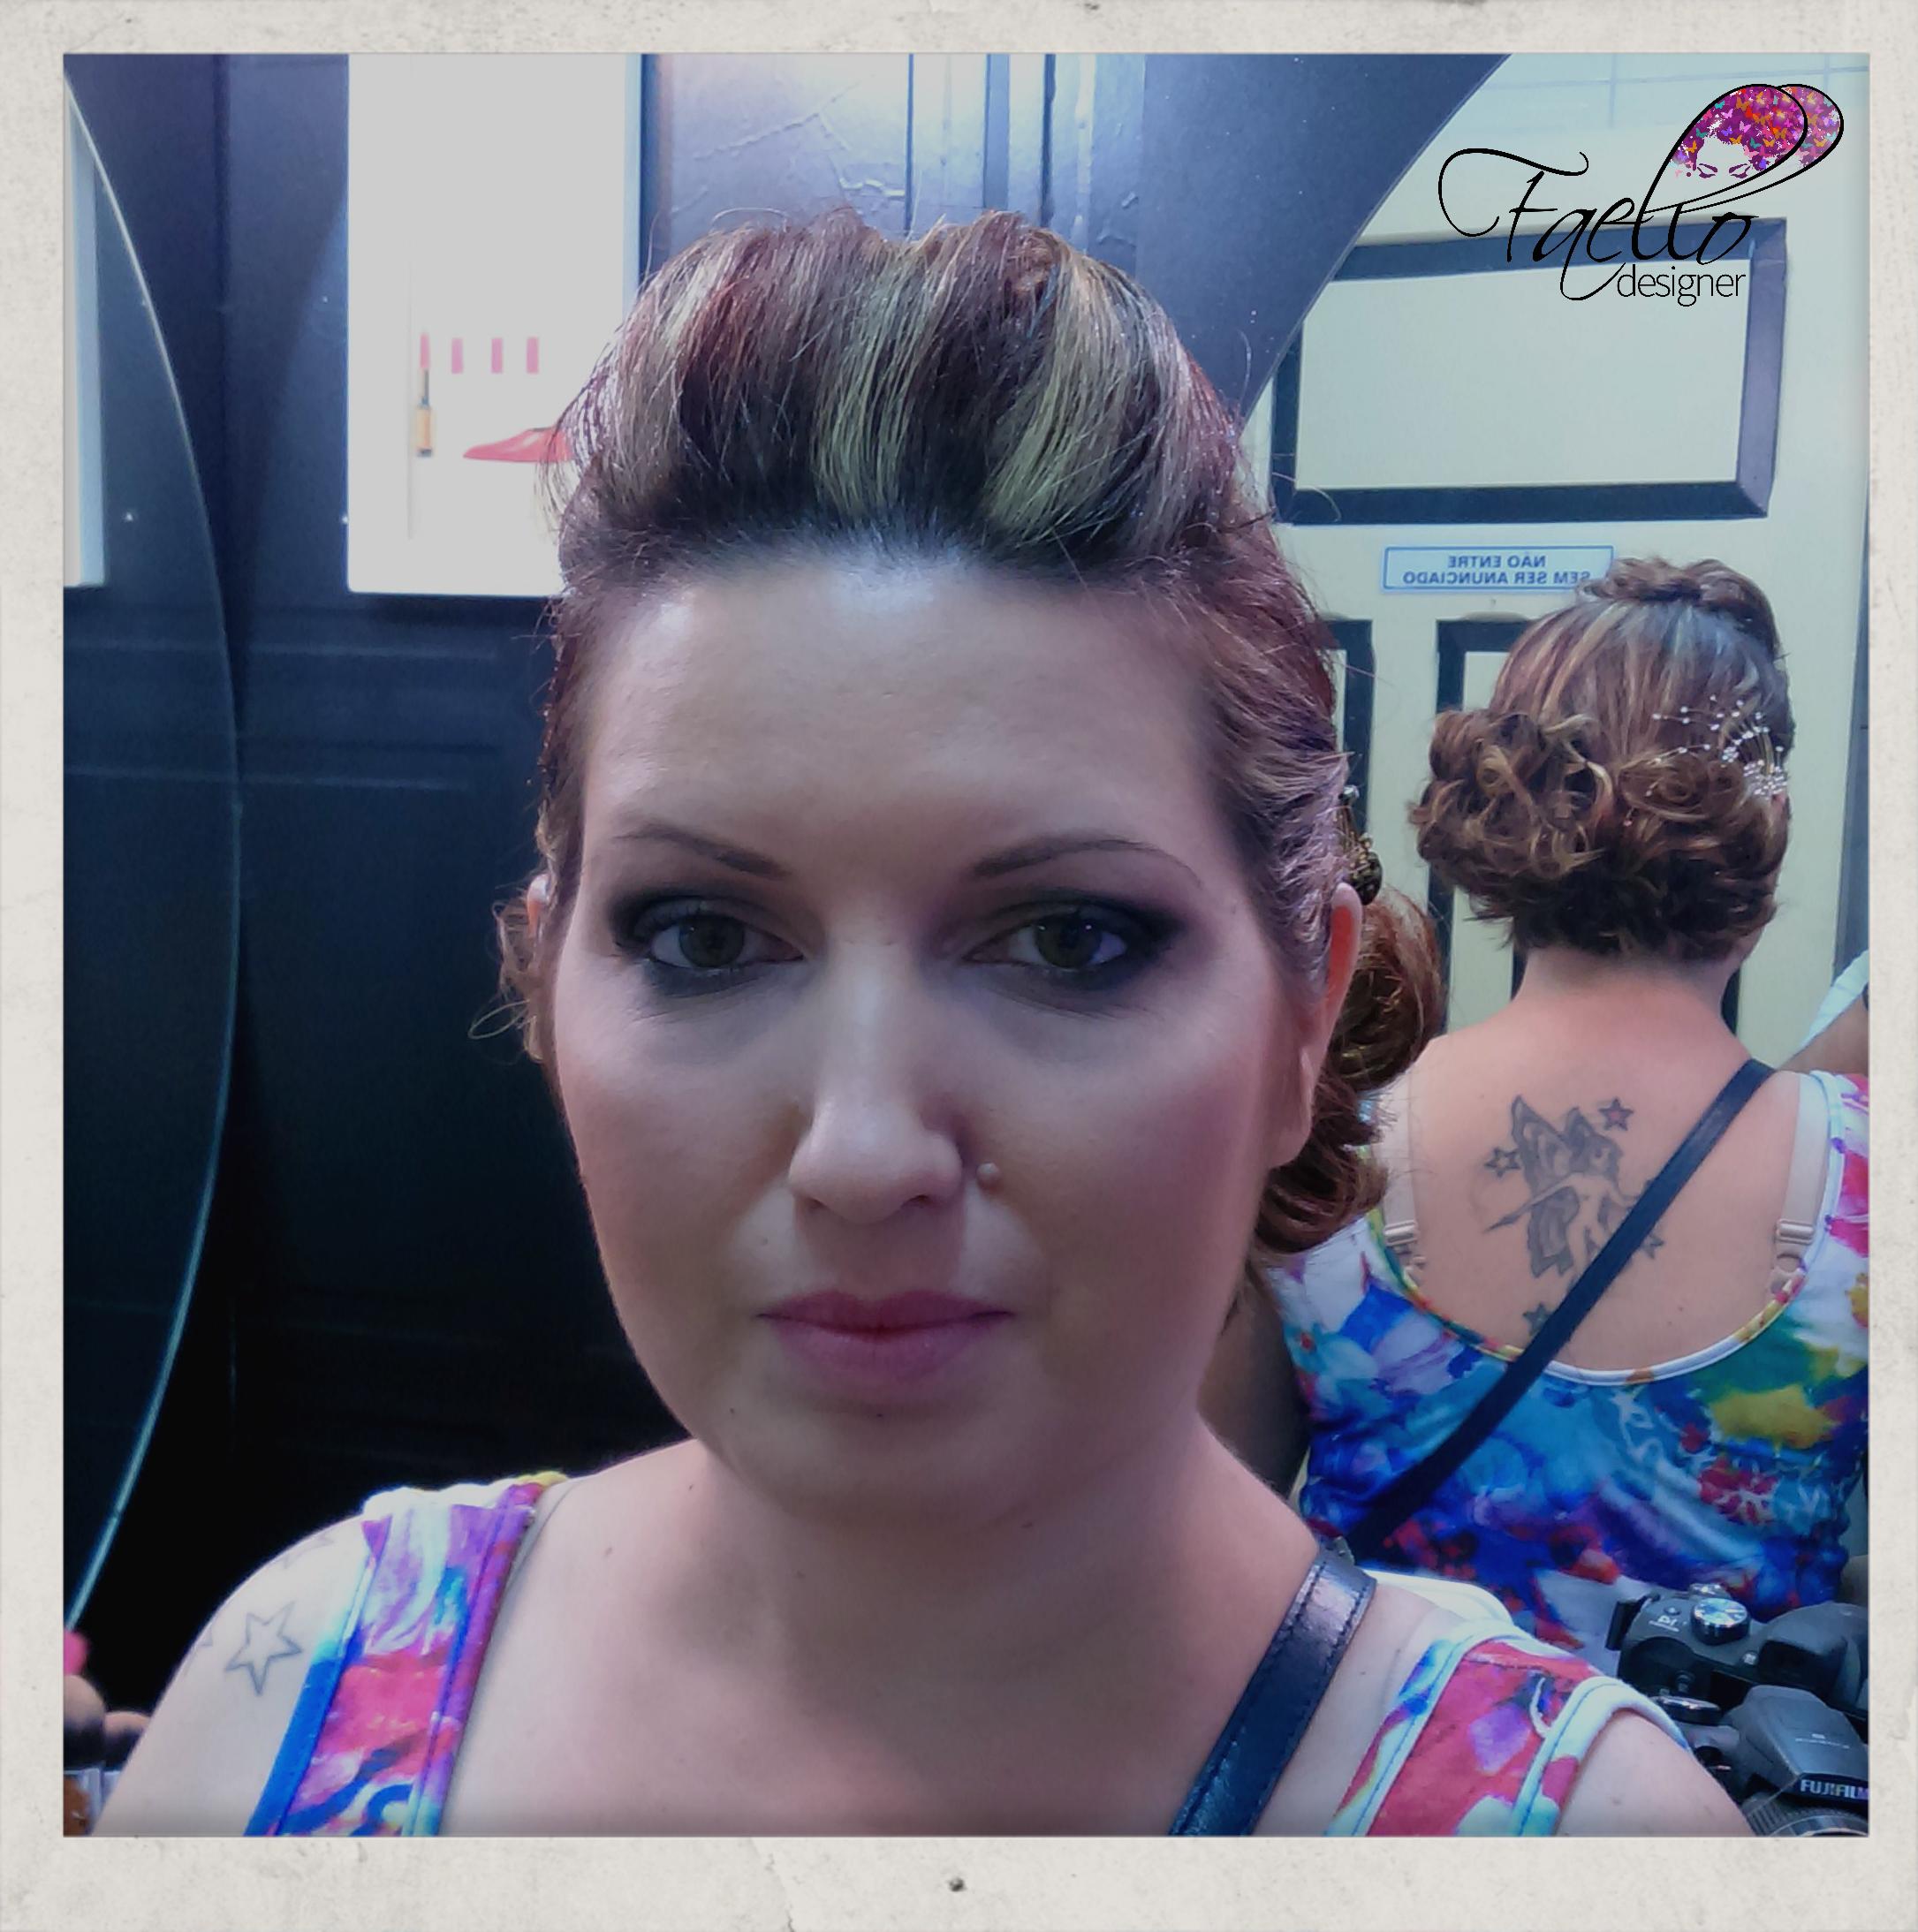 maquiagem micropigmentador(a) designer de sobrancelhas maquiador(a) dermopigmentador(a)